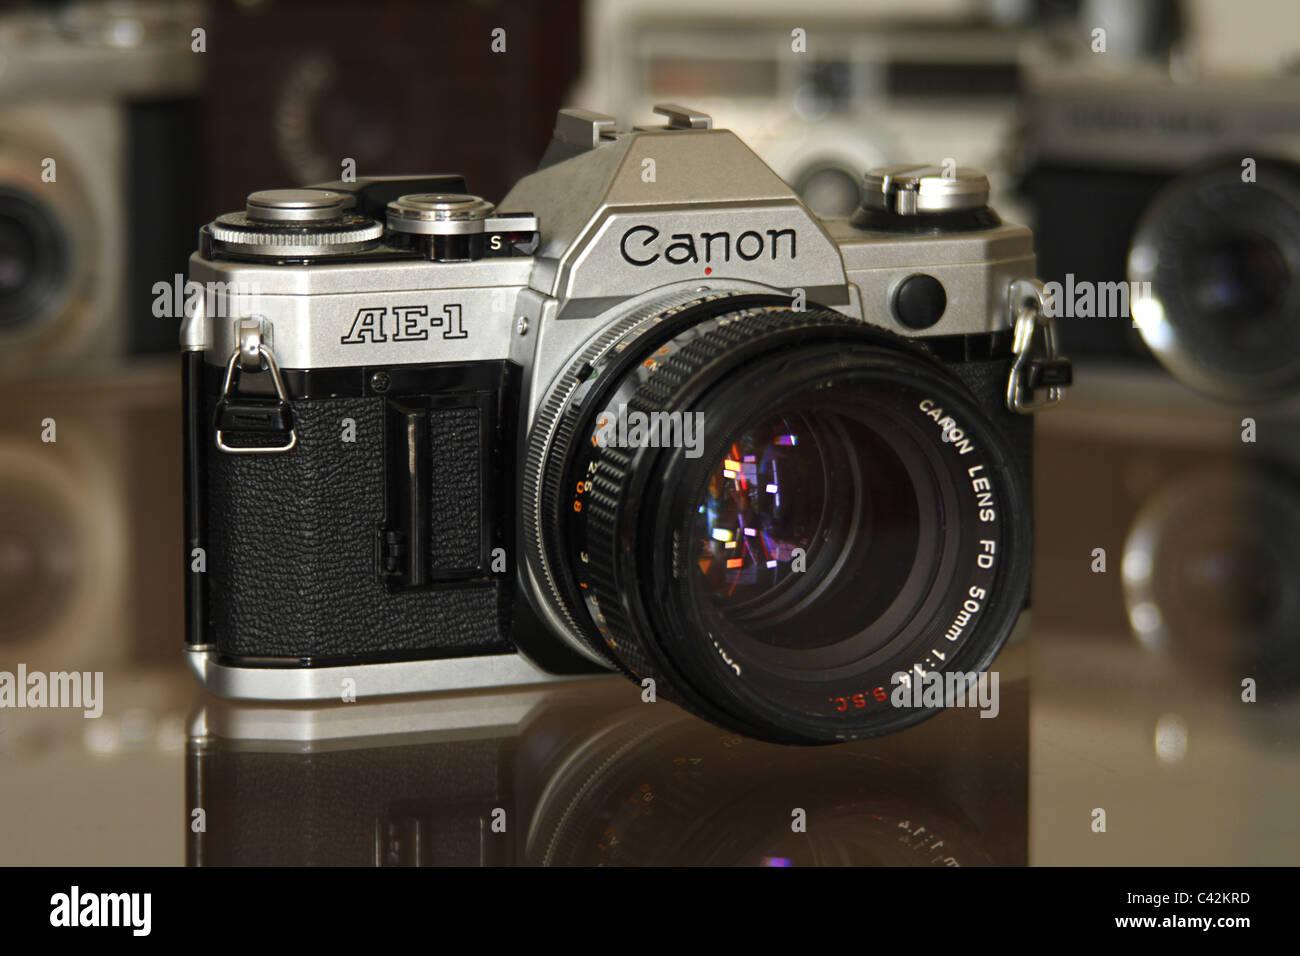 Canon AE-1 SLR camera - Stock Image